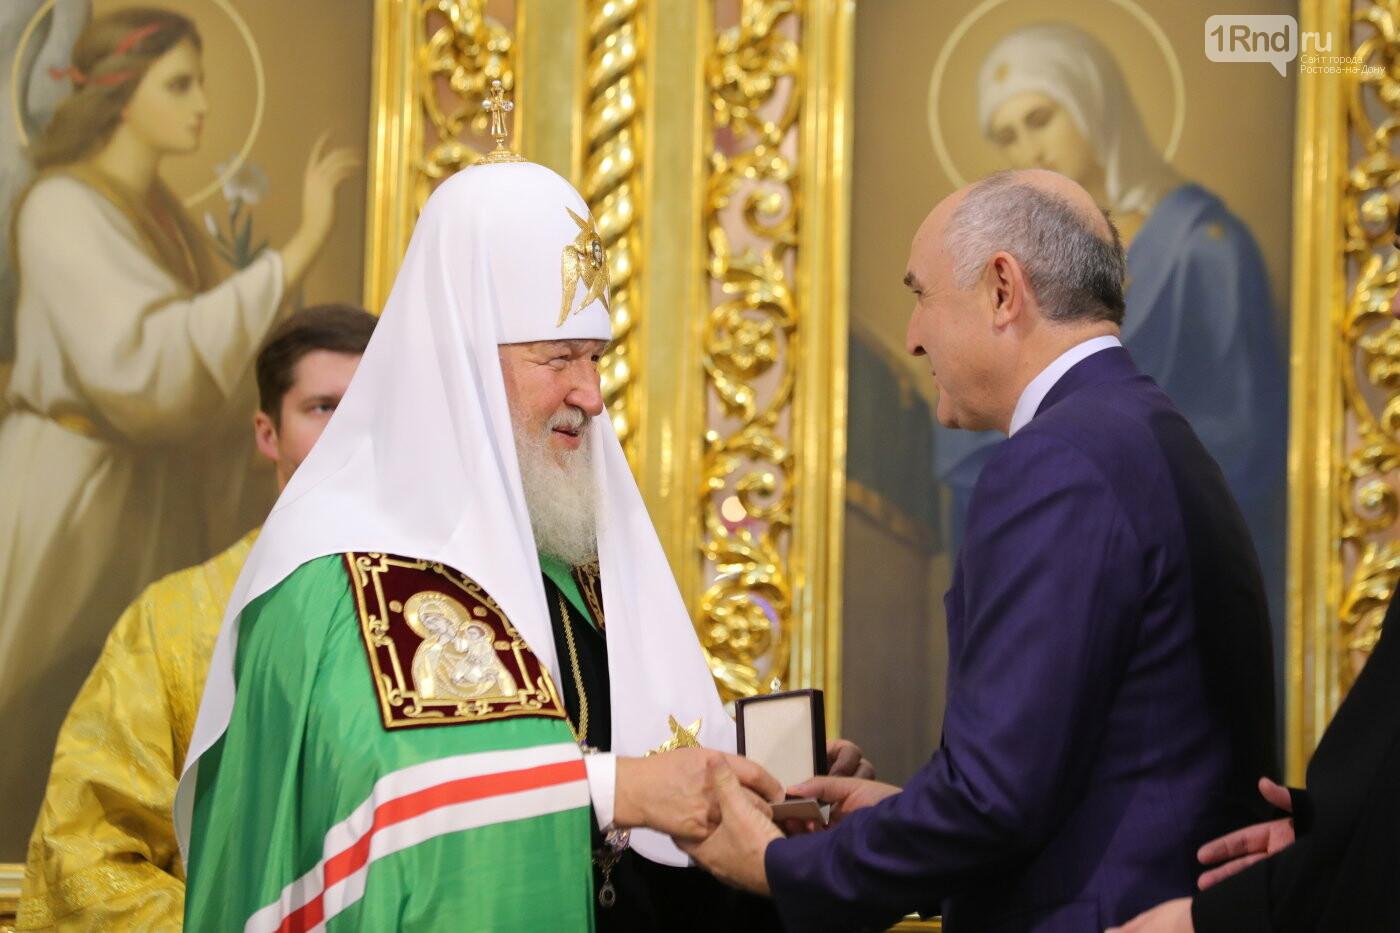 Али Узденова удостоили Патриаршего знака храмостроителя , фото-1